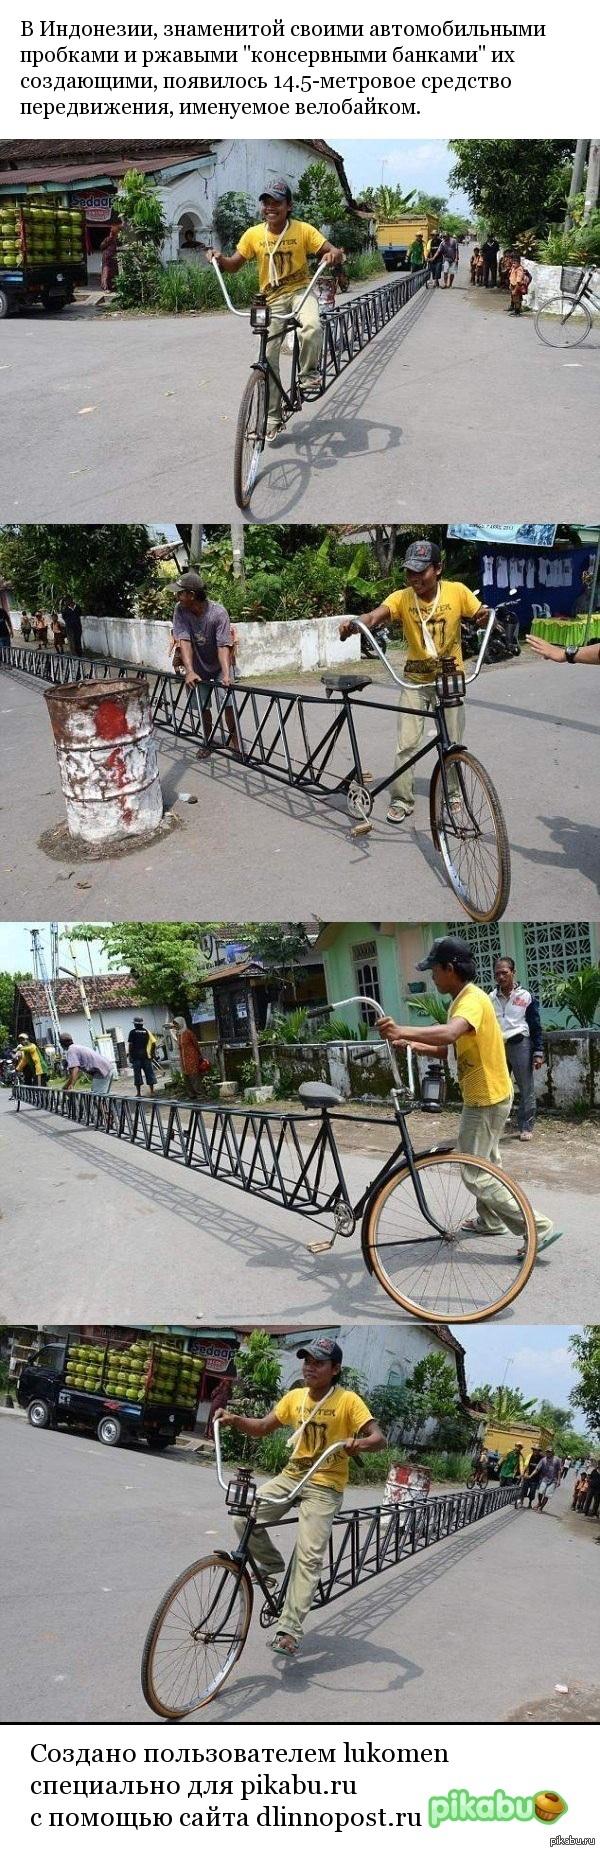 Cамый длинный велосипед сделали в Индонезии.